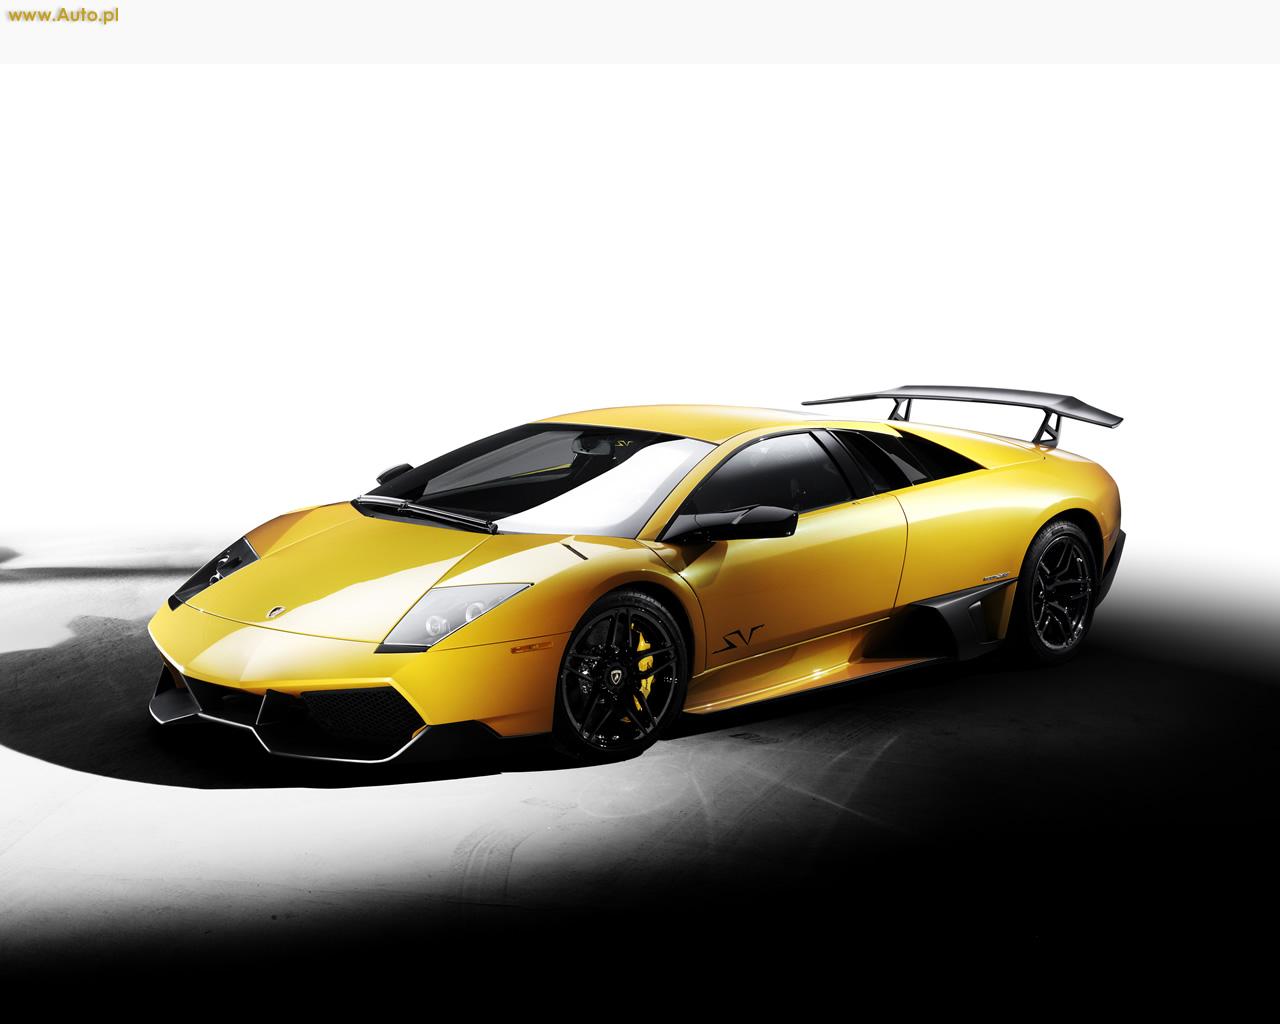 Najwięcej ofert w jednym miejscu. samochody sportowe - tapety na pulpit - strona 1